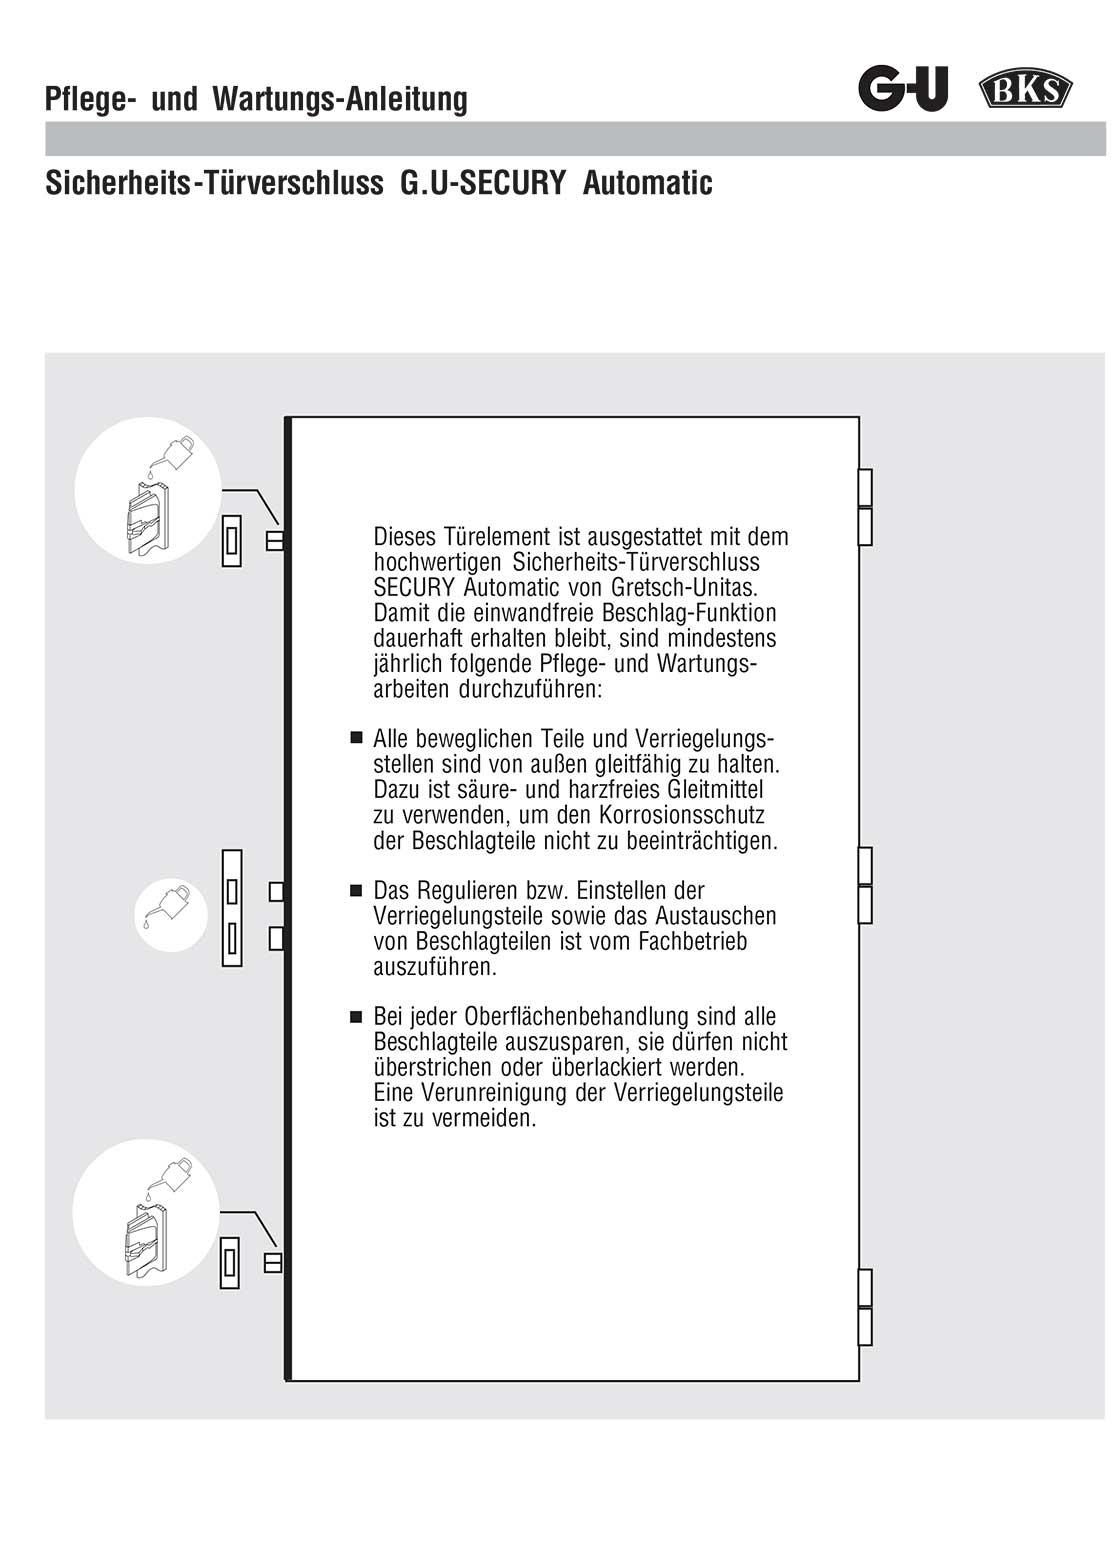 Pflege-und-Wartungsanleitung-Sicherheits-Türverschluss-G2